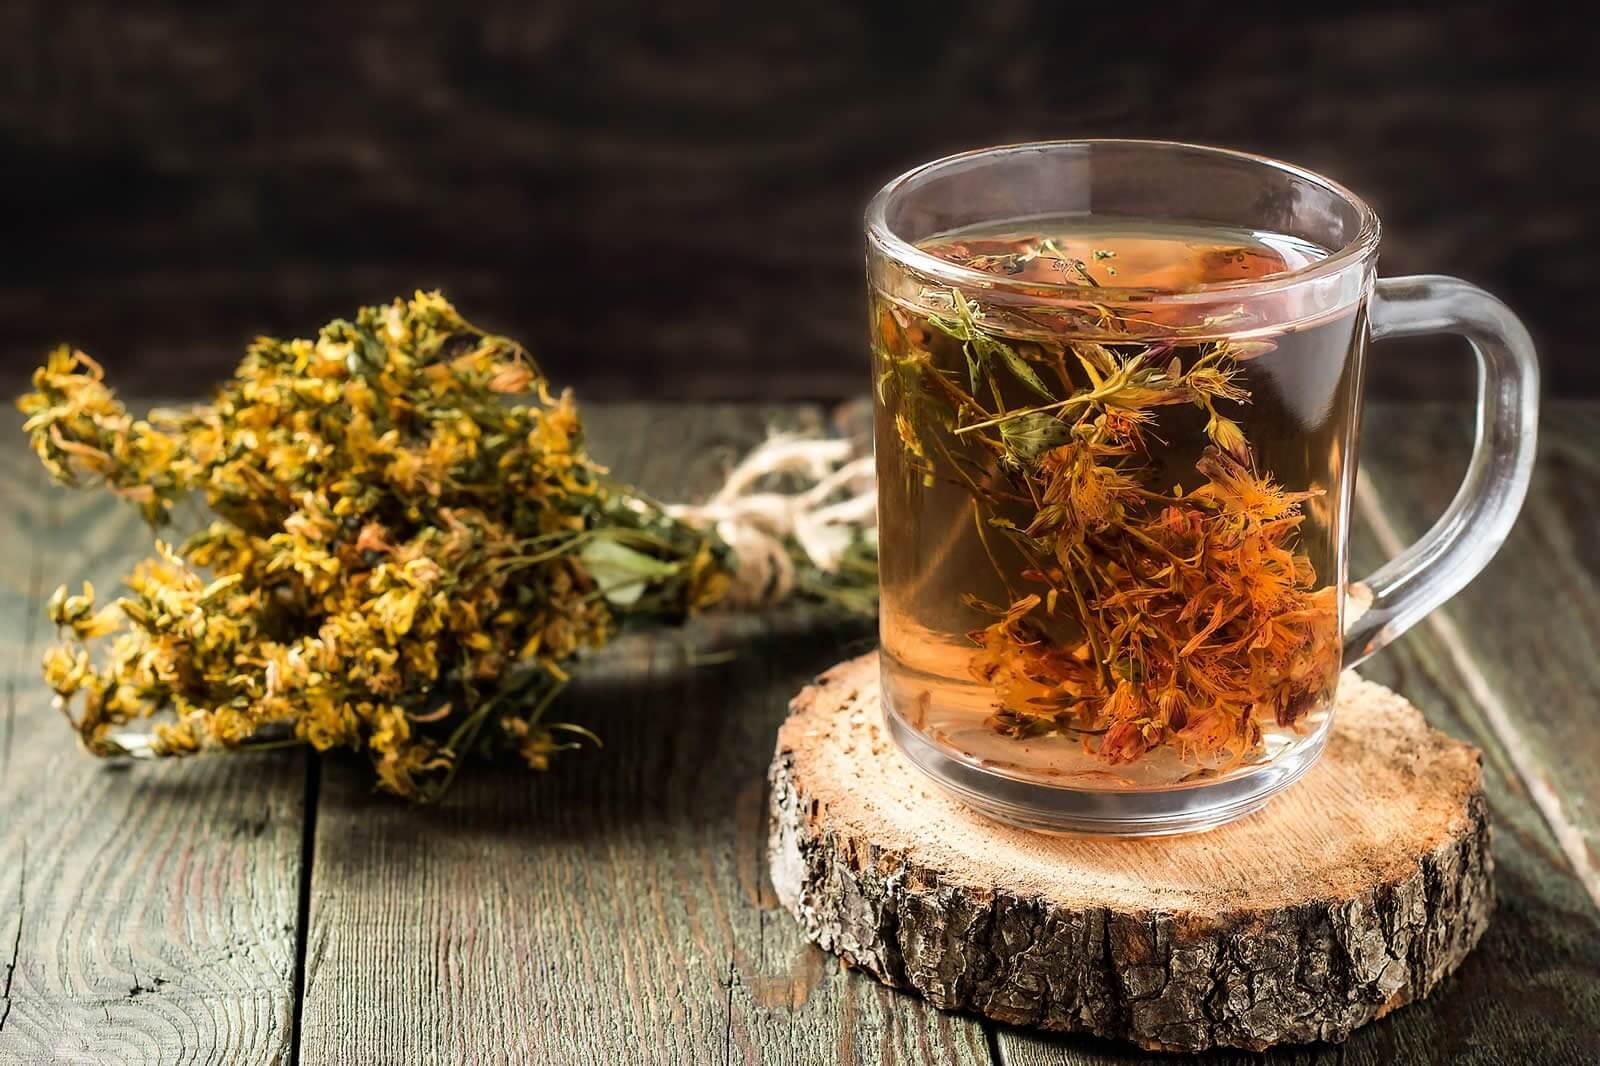 Травы от алкоголизма вызывающие отвращение – лучшие народные рецепты